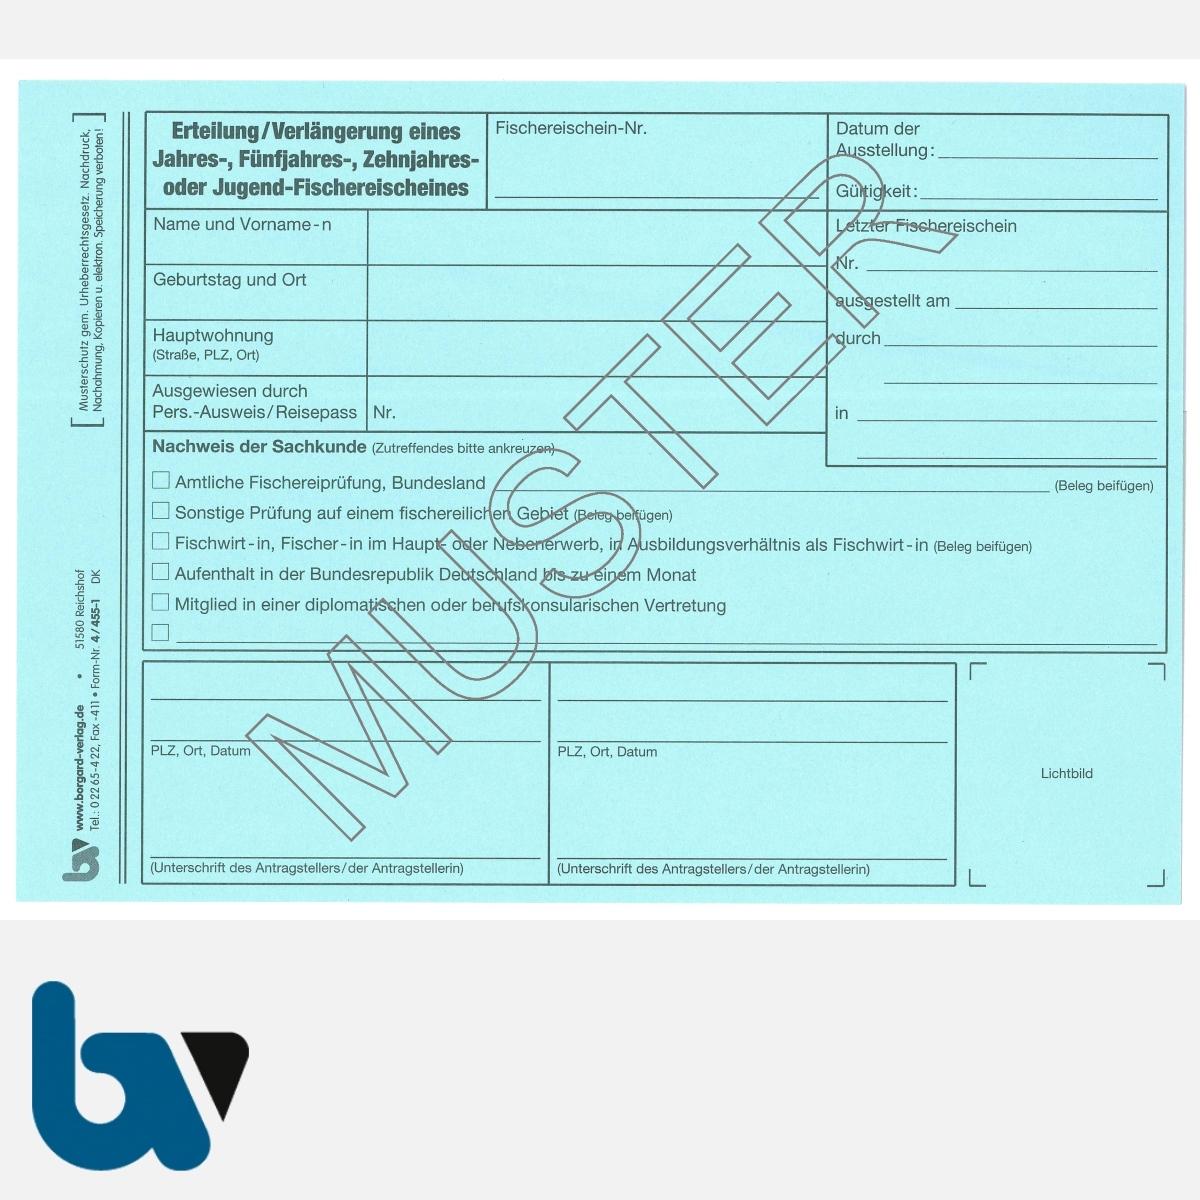 4/455-1 Karteikarte Erteilung Verlängerung Fischereischein blau DIN A5 VS   Borgard Verlag GmbH